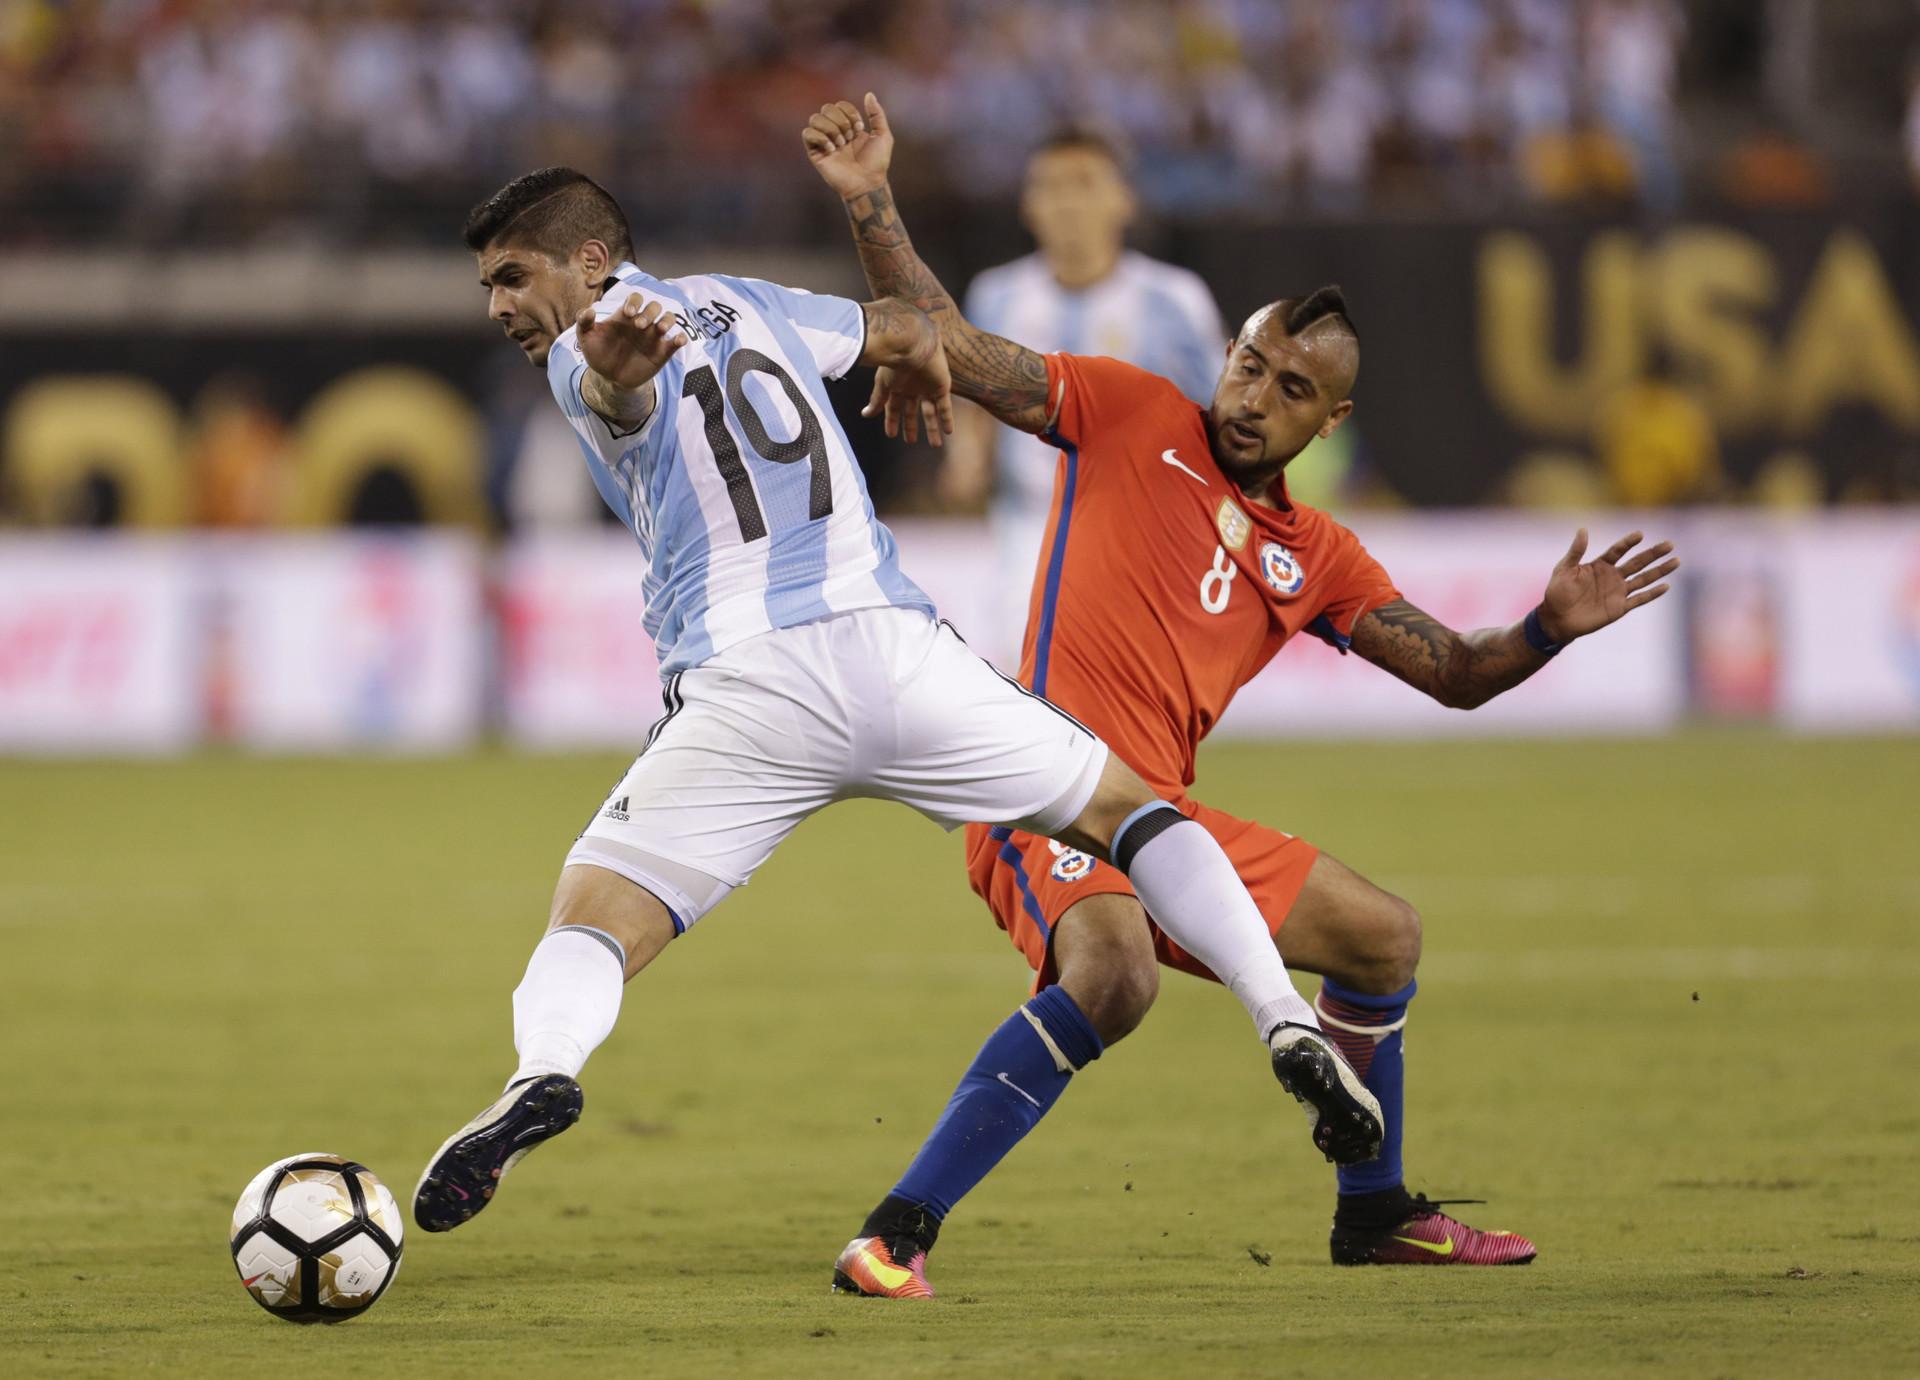 El Argentino Ever Banega disputa un balón con el chileno Arturo Vidal